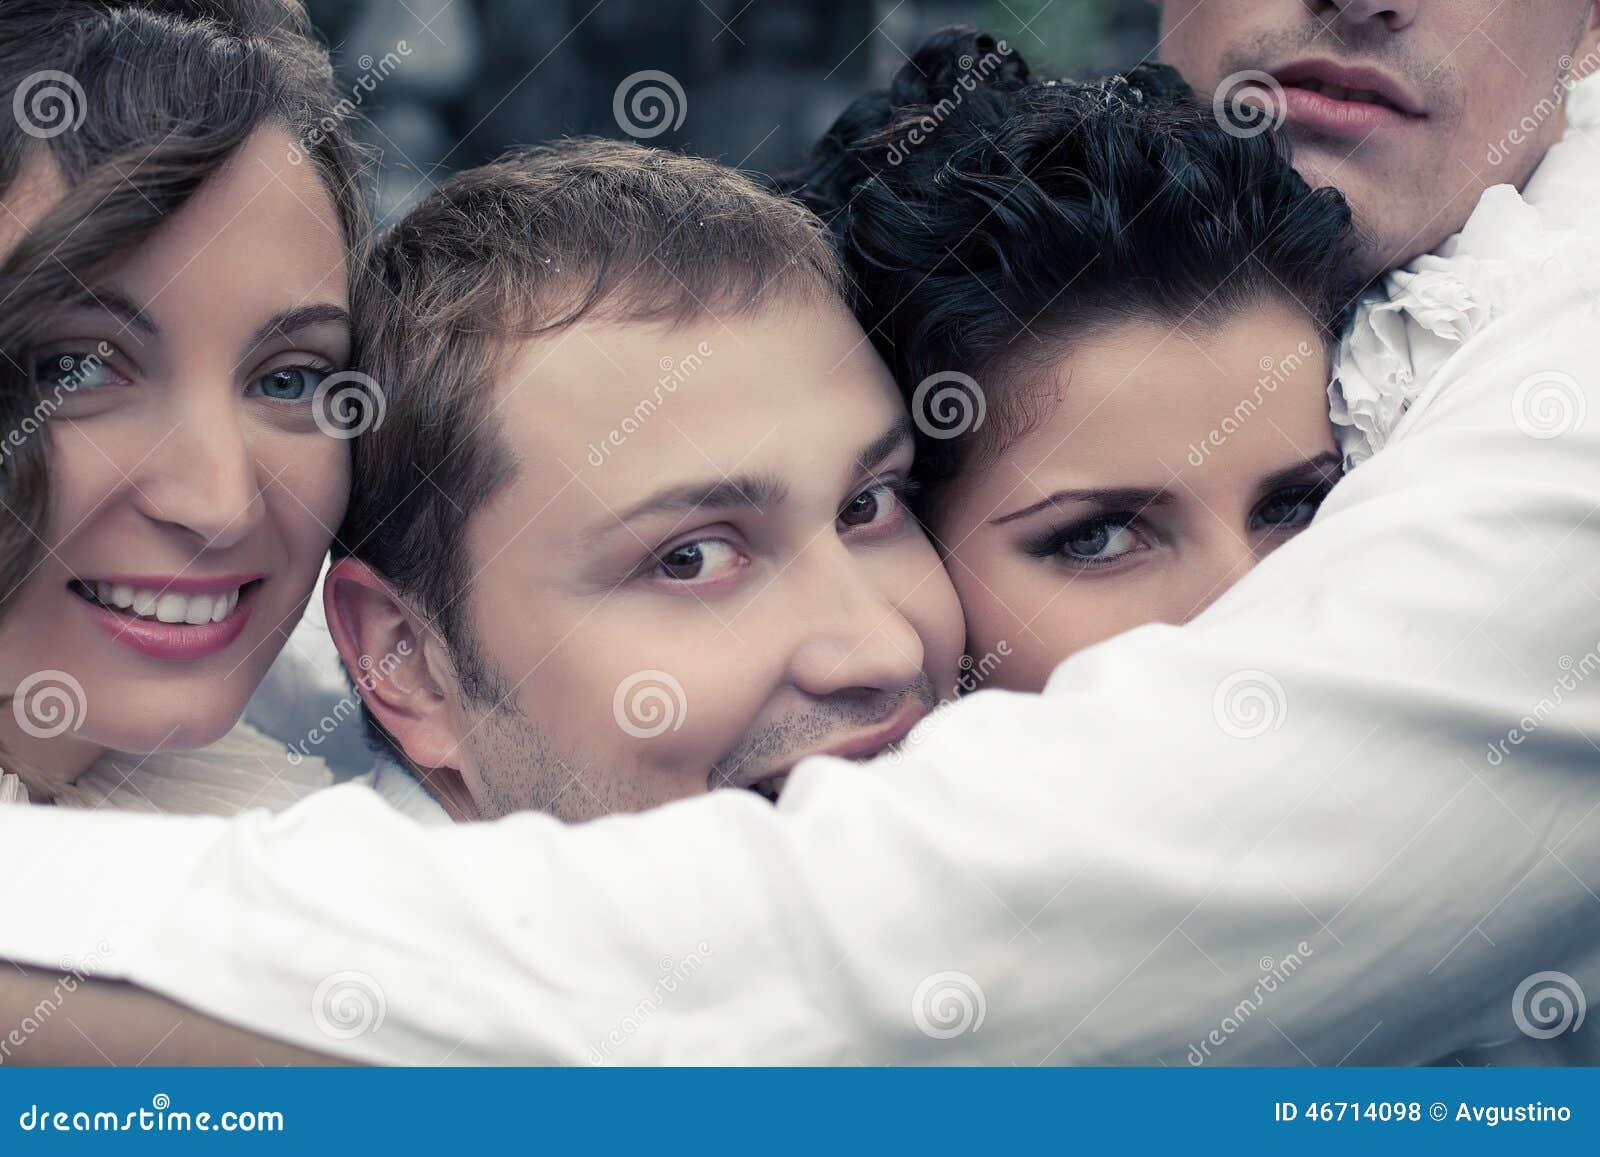 Retrato emotivo de quatro amigos próximos de sorriso - atores da rua